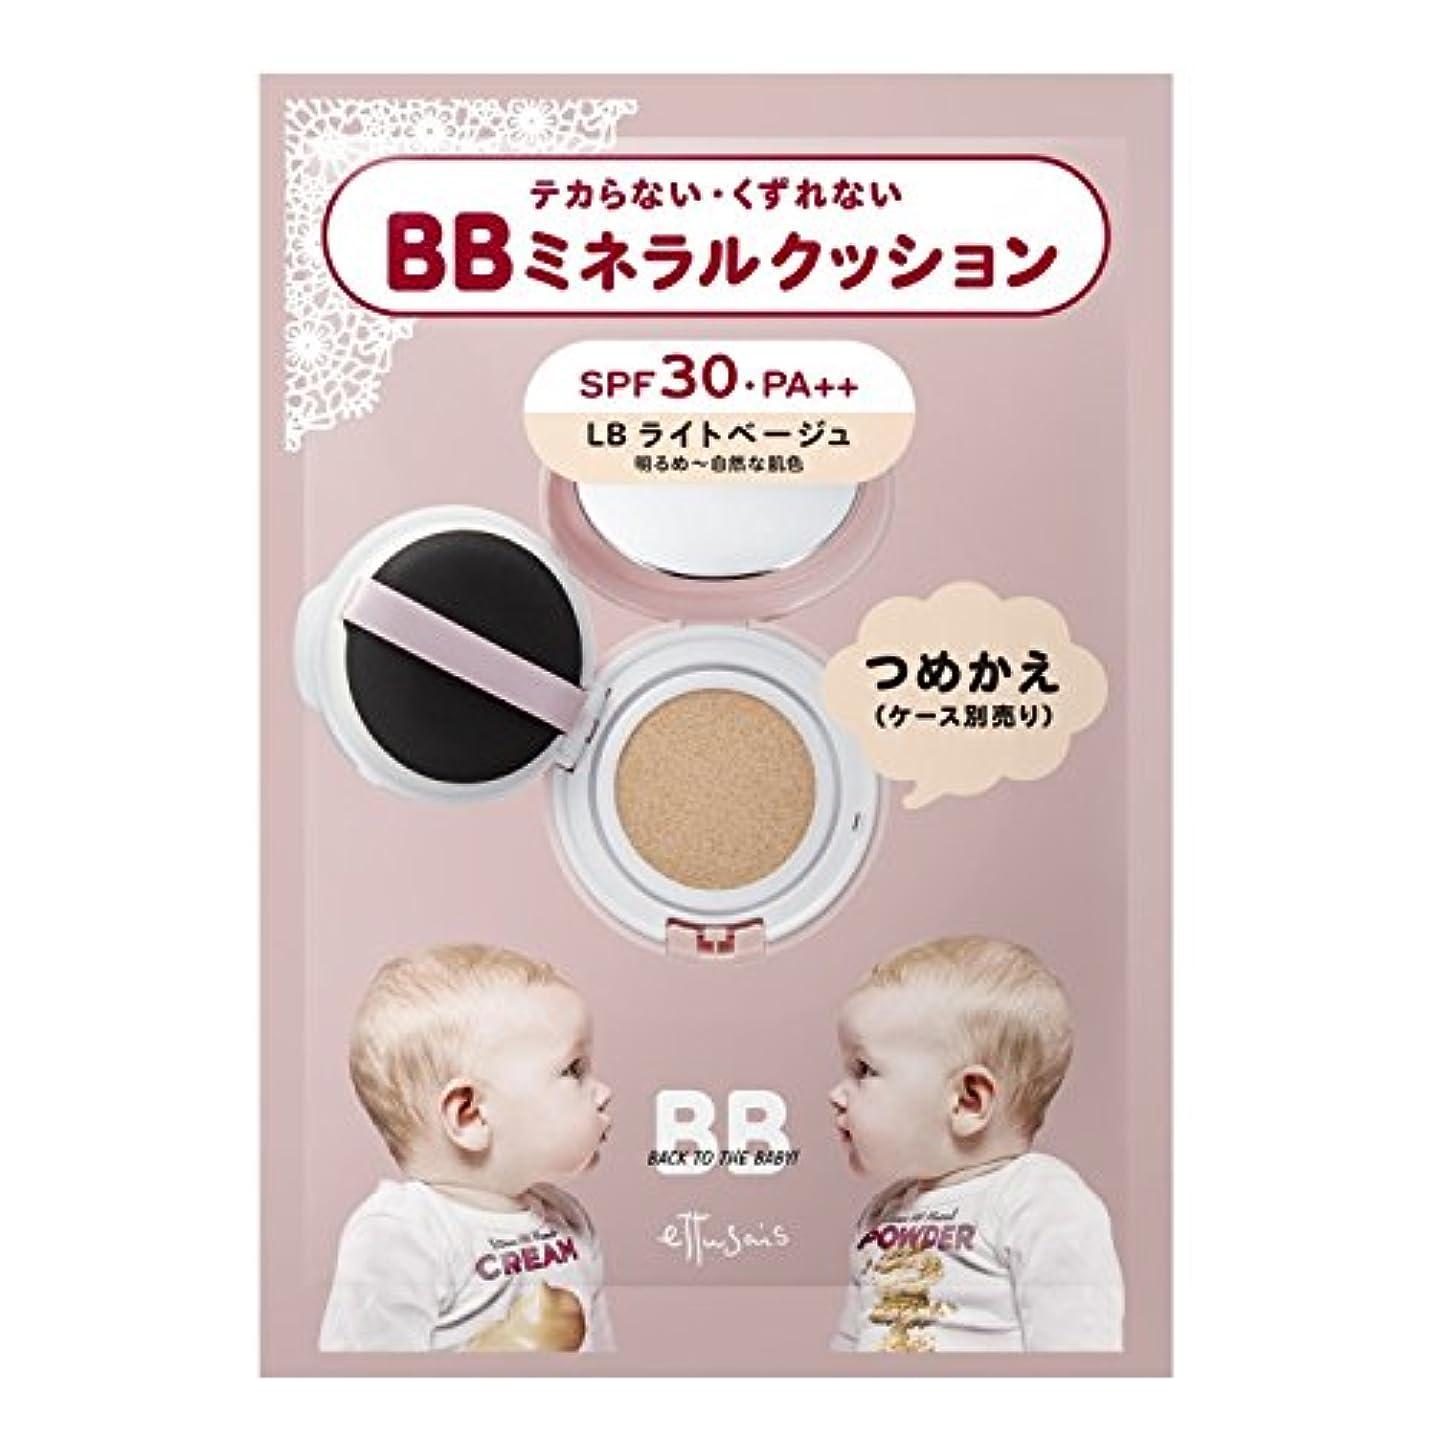 エテュセ BBミネラルクッション LB ライトベージュ(明るめ~自然な肌色) つめかえ用 SPF30?PA++ 12g